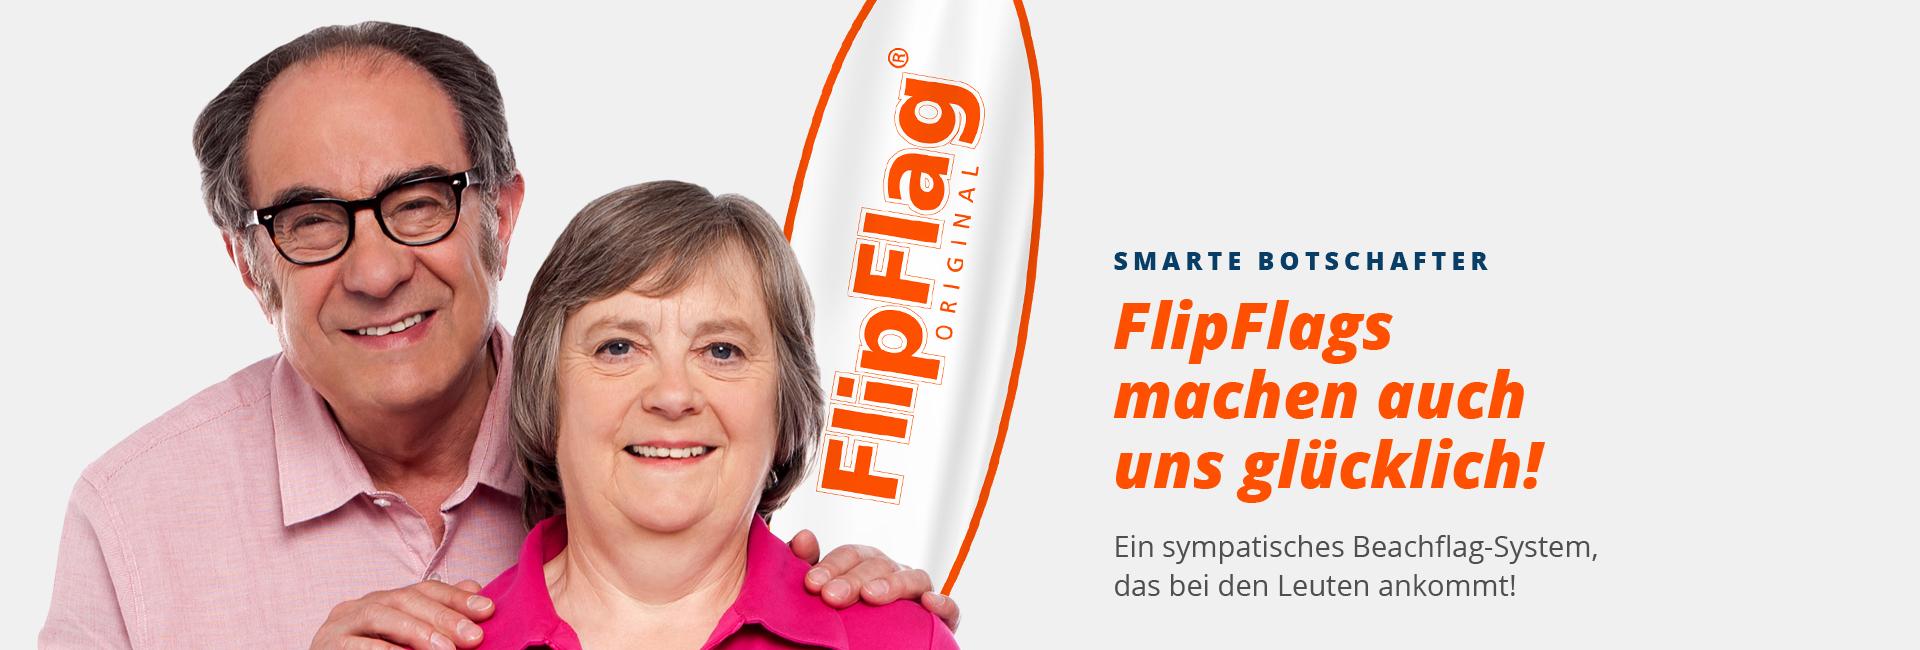 Fahnen als Beachflags von FlipFlag - Einfach online bestellen im Shop